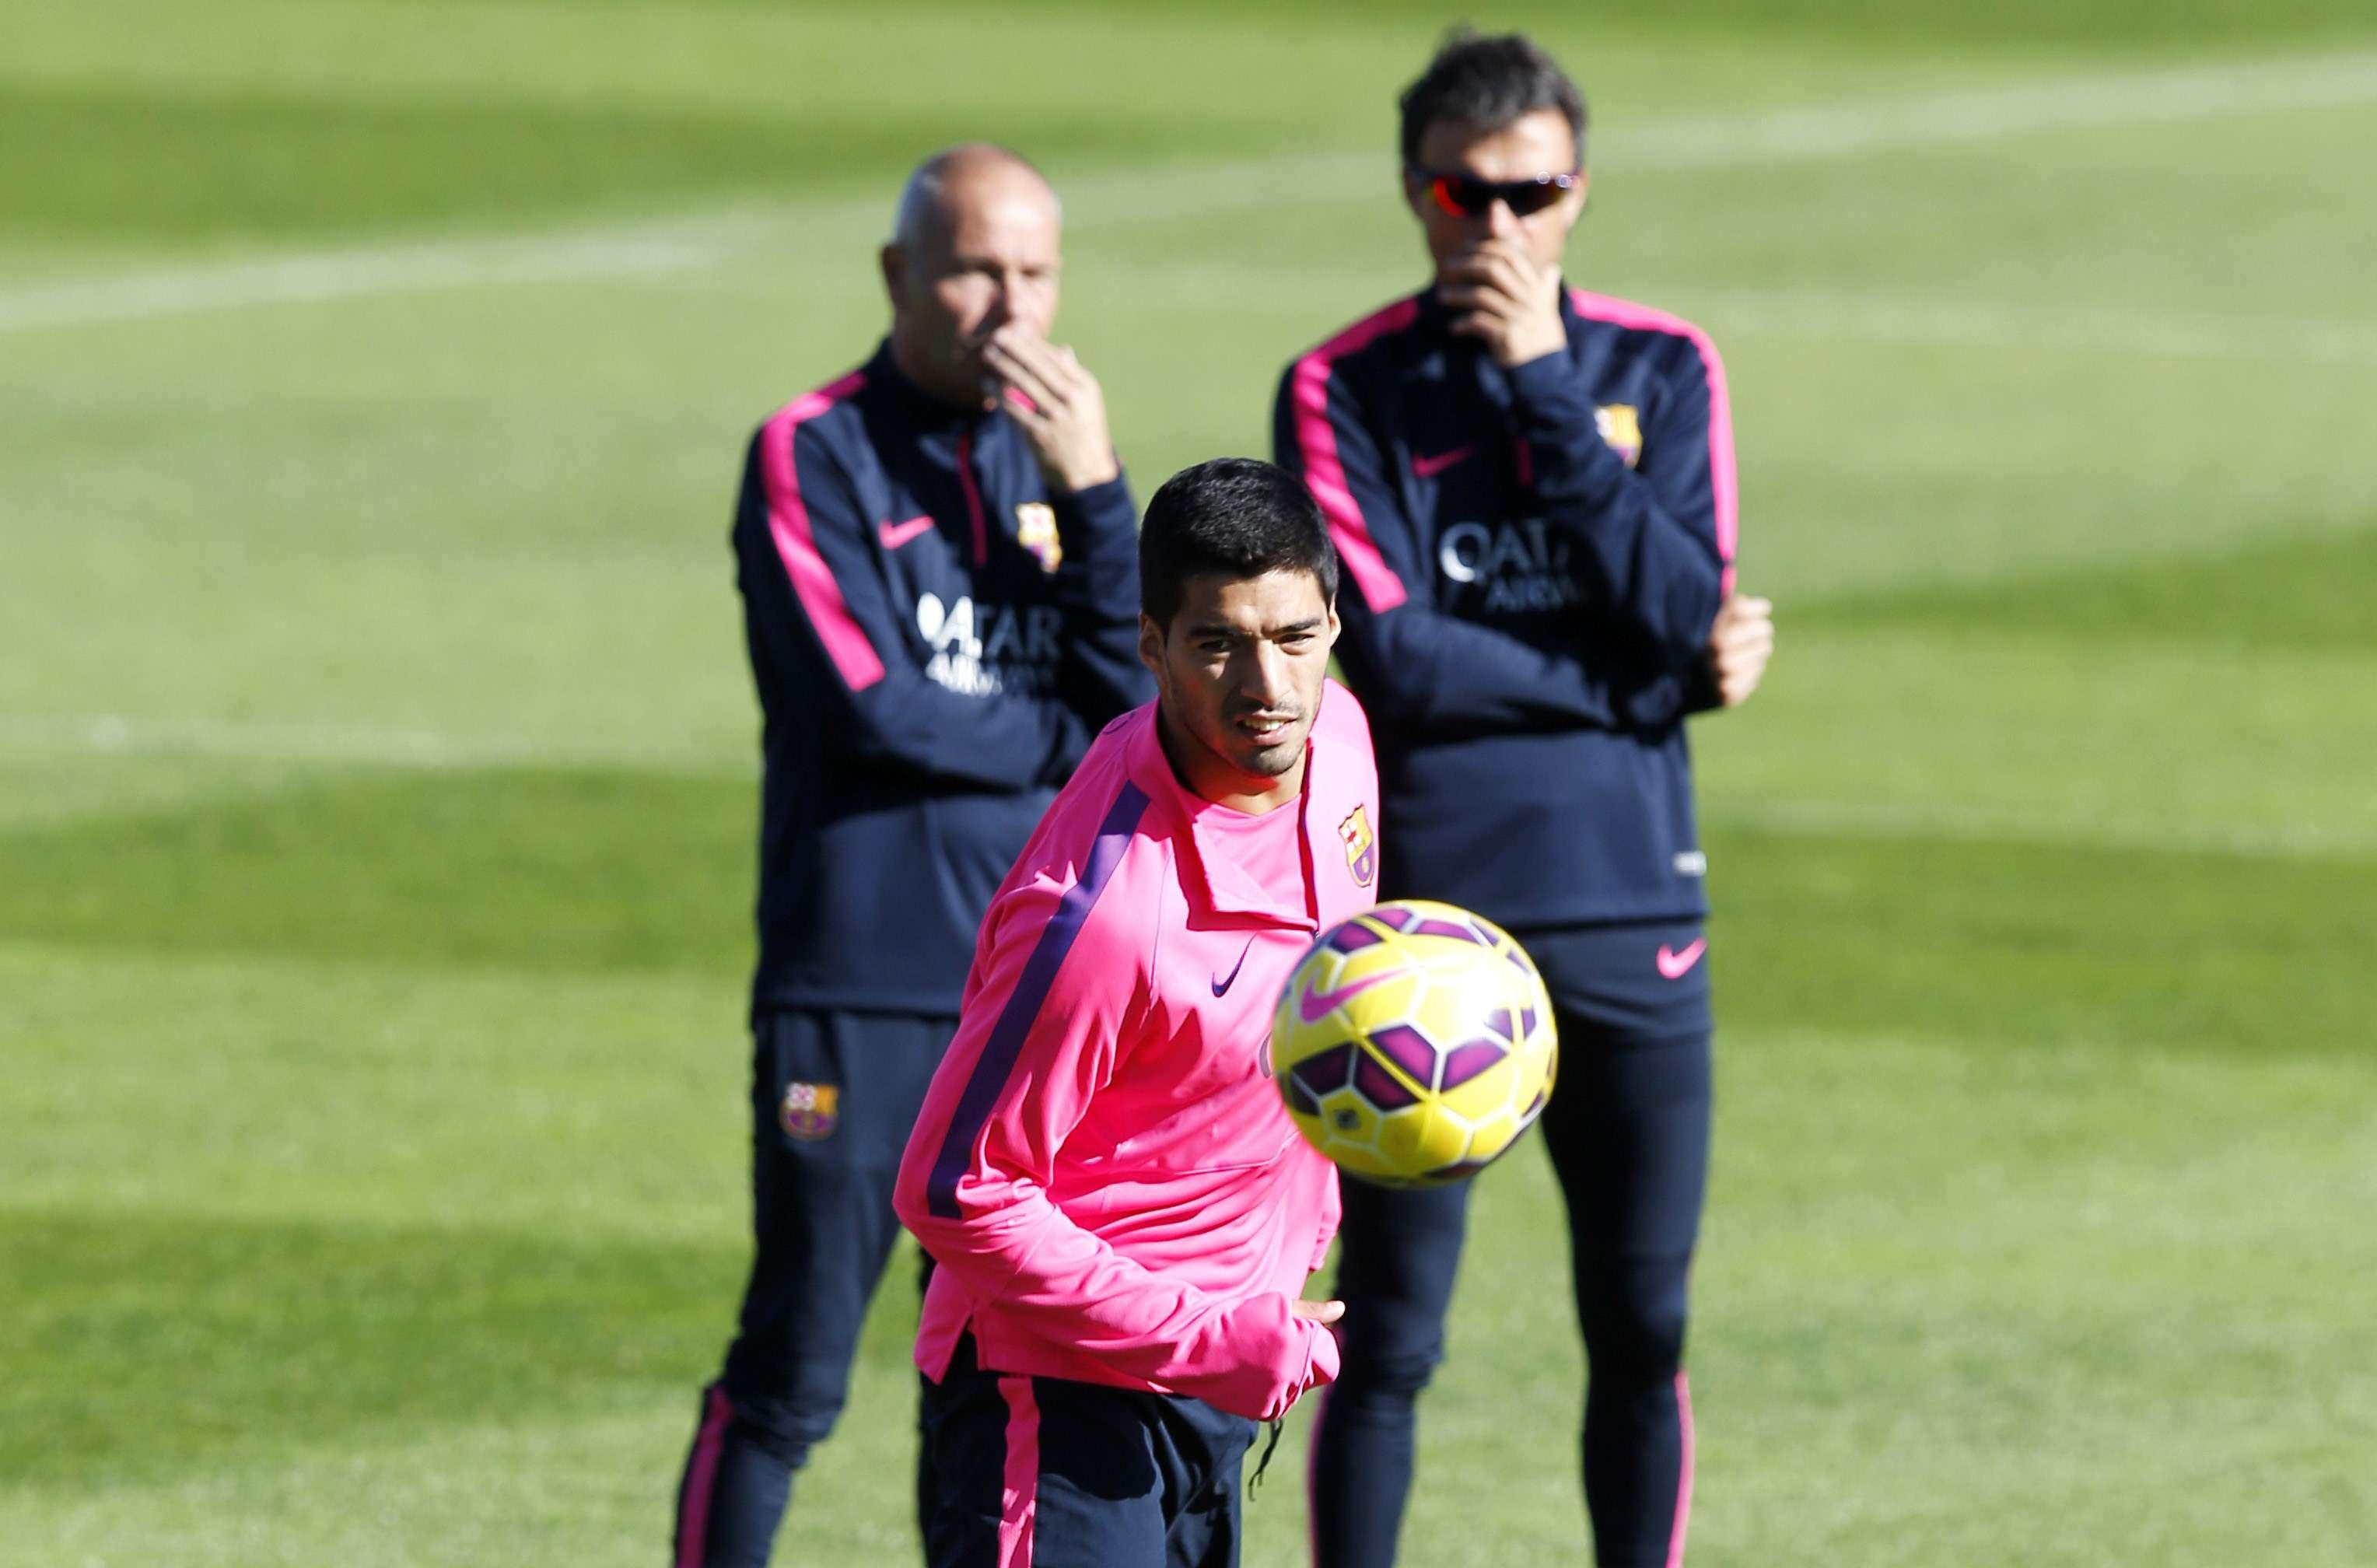 Luis Enrique observa a Luis Suárez mientras entrena. Foto: Reuters en español